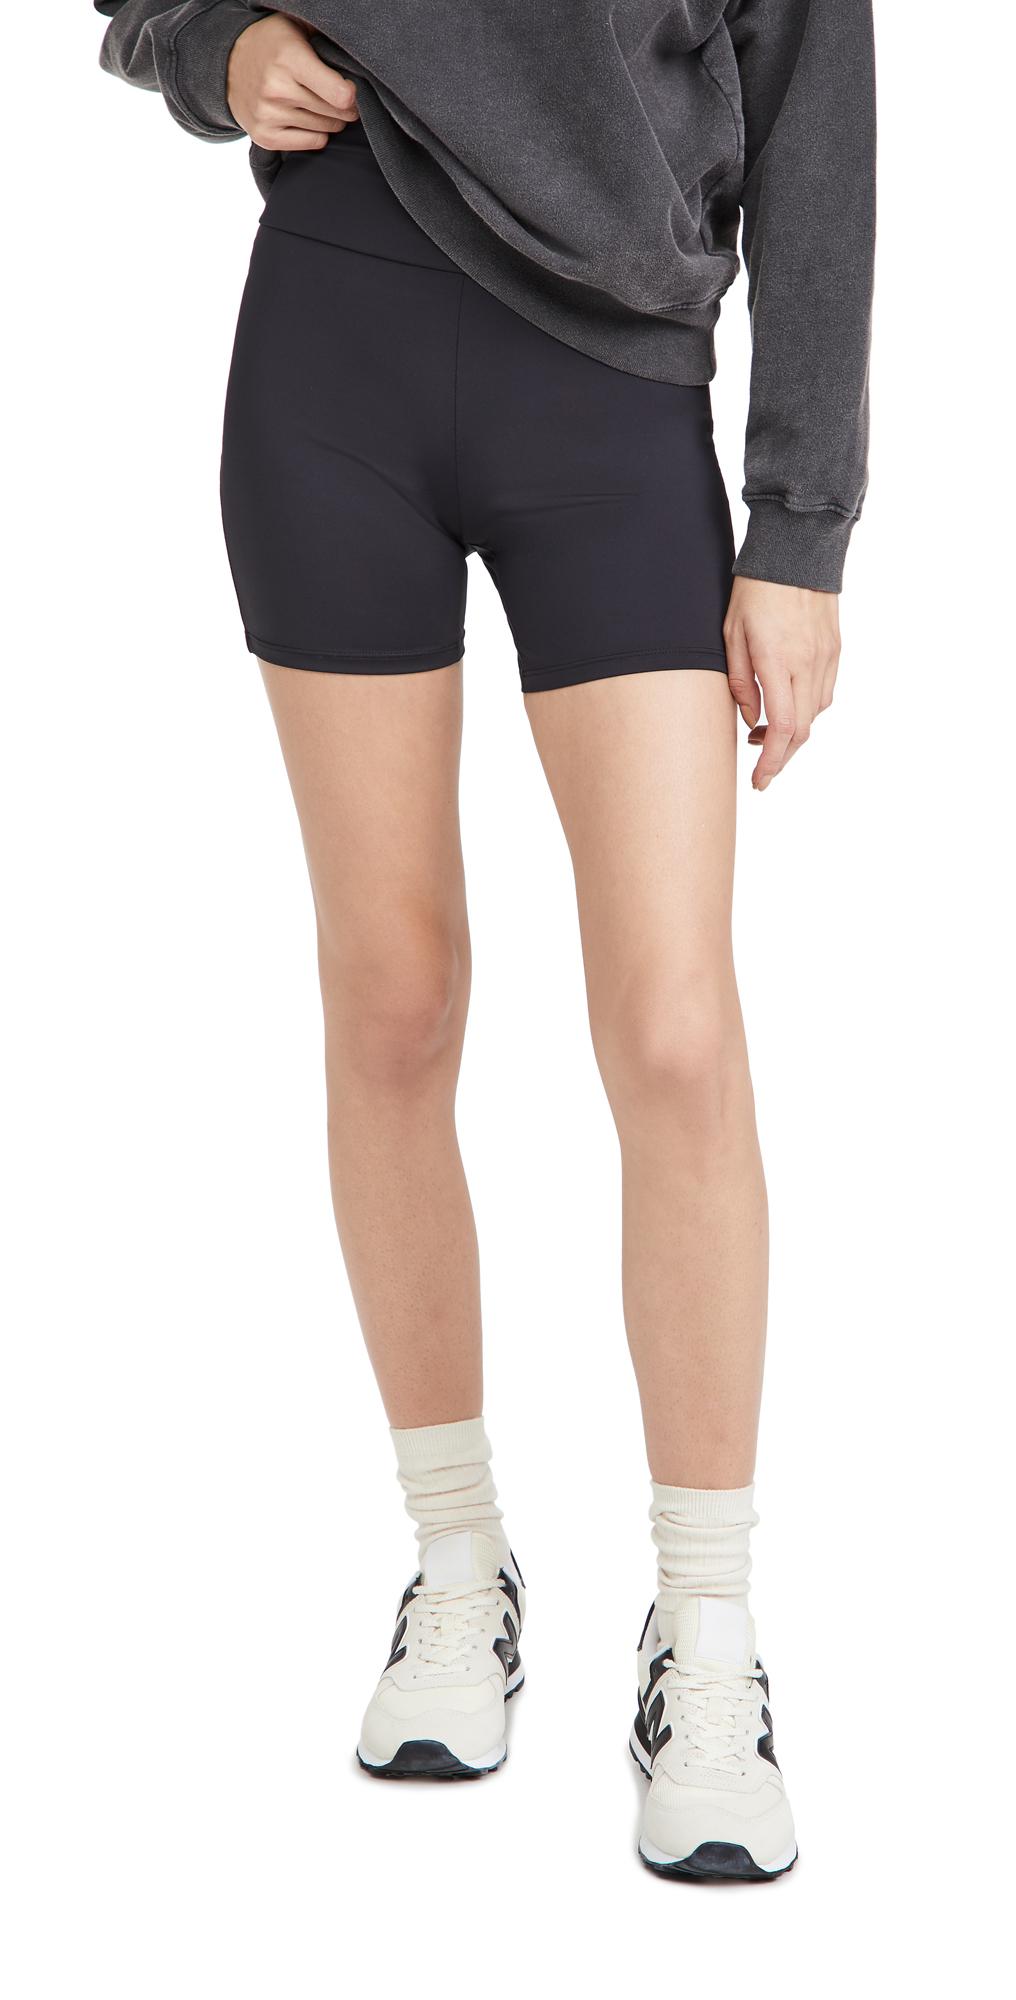 BB Dakota Spun Out Bike Shorts